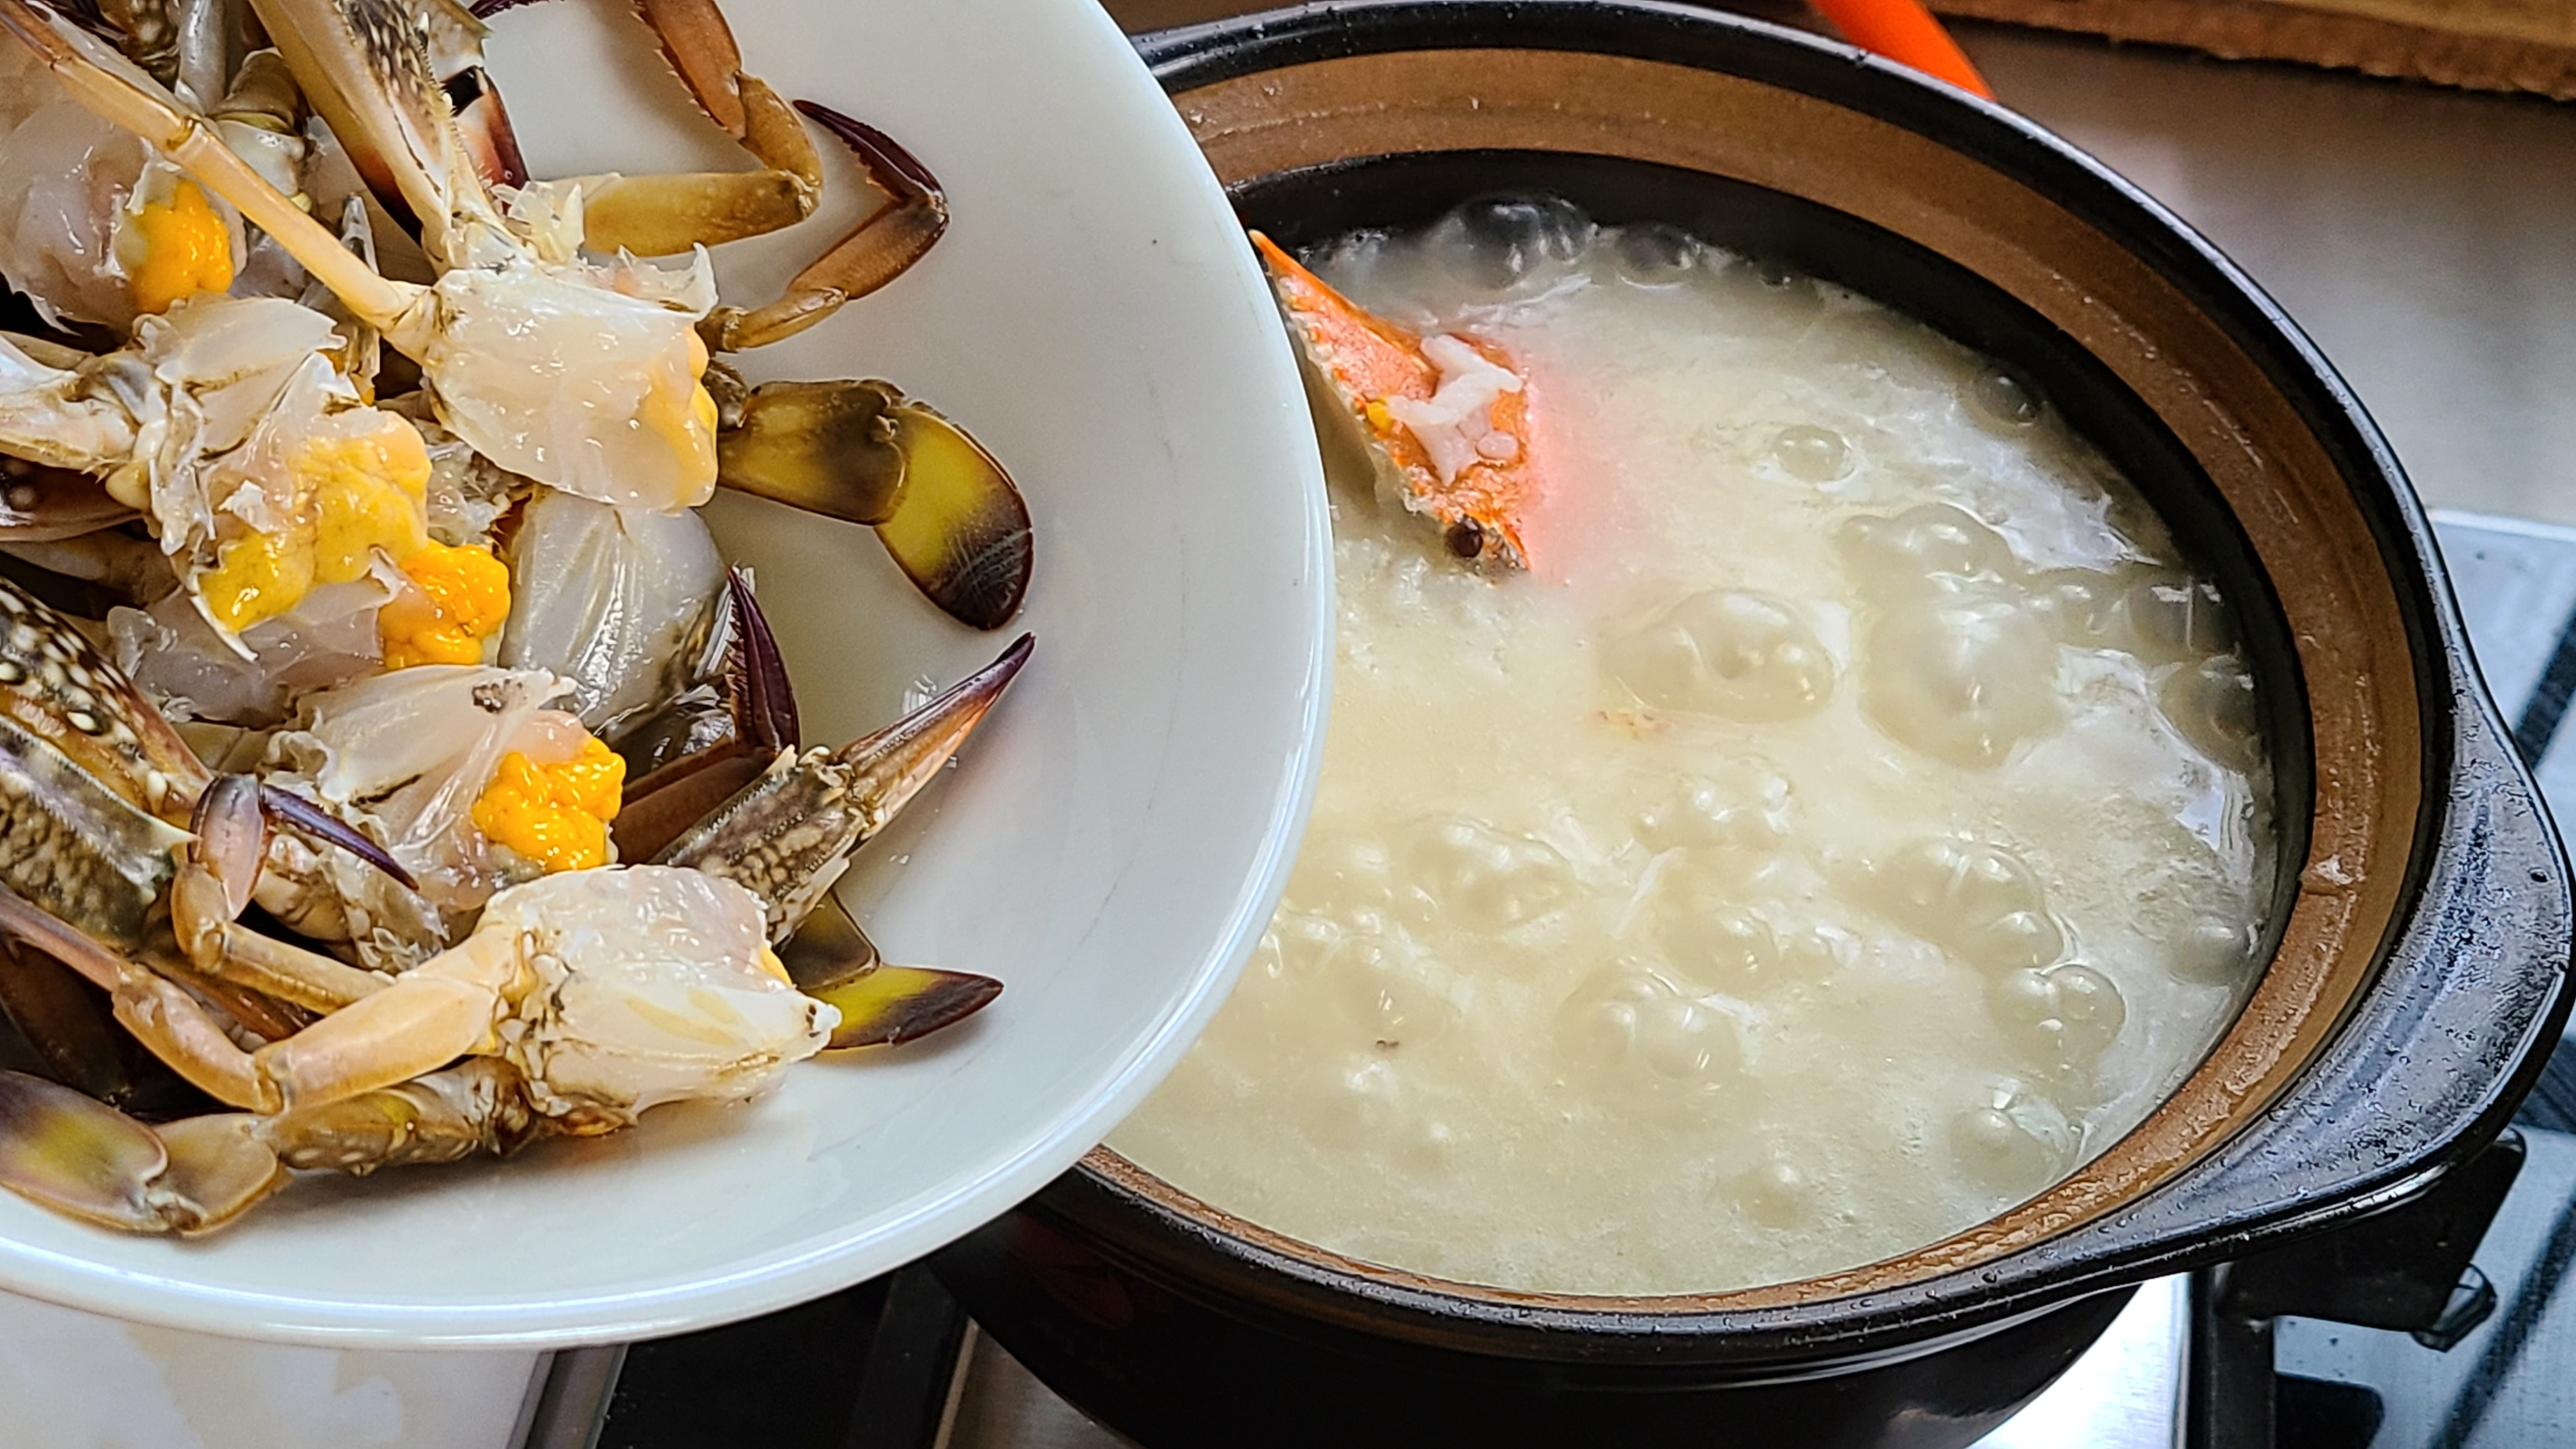 螃蟹的家常做法,味道鲜美又营养,做法跟材料很简单